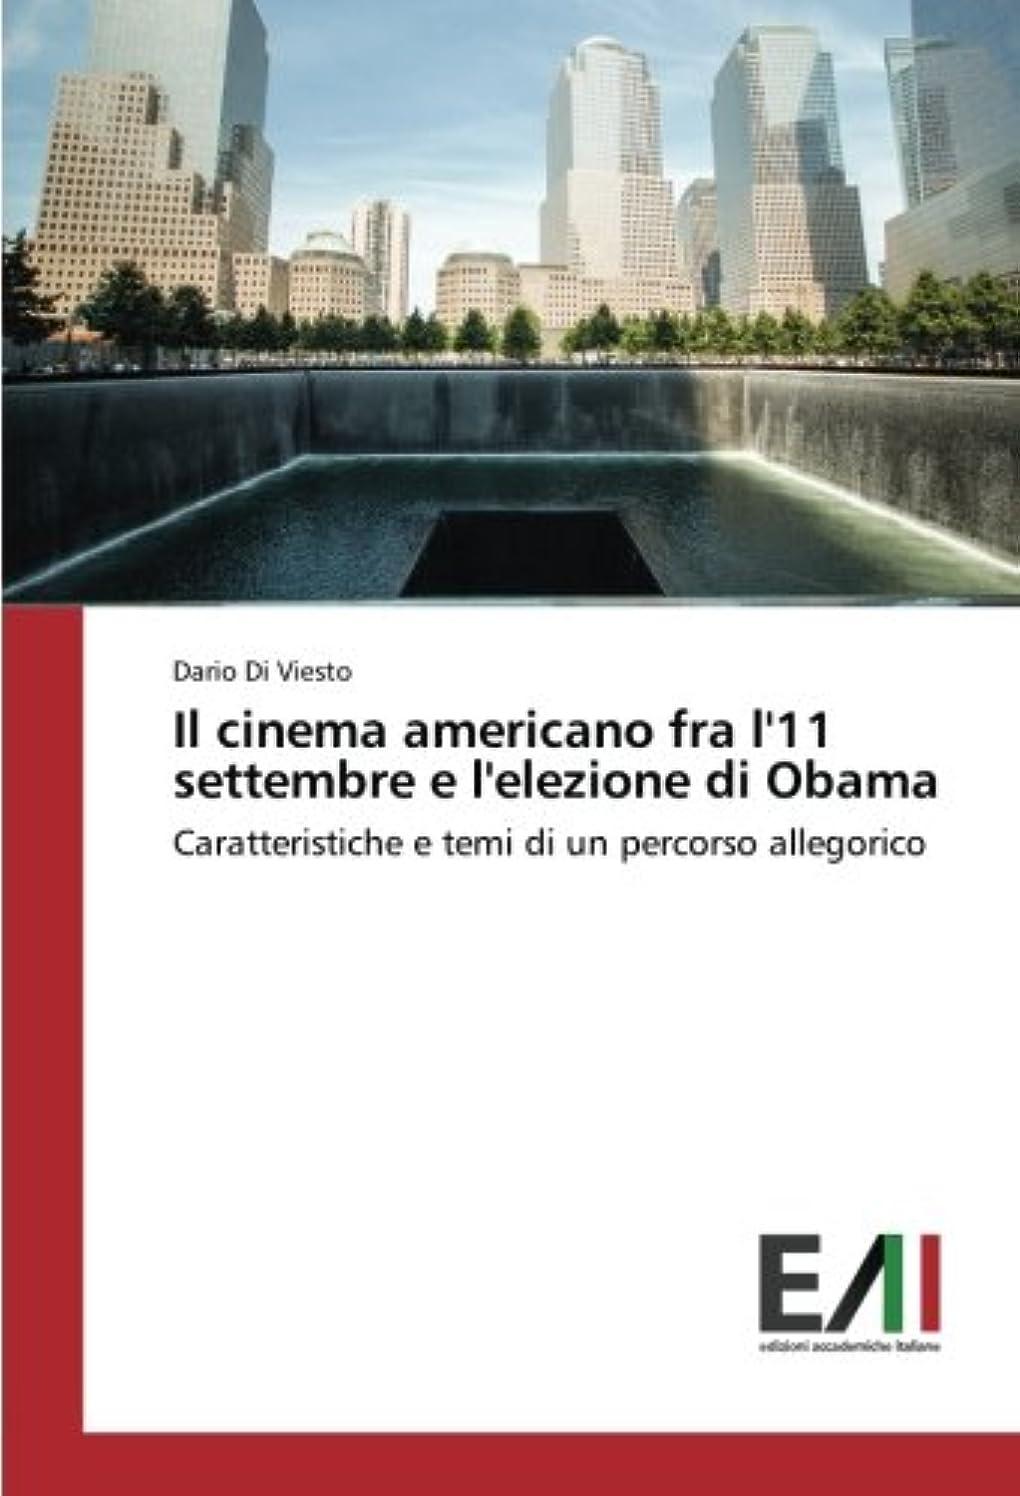 Il cinema americano fra l'11 settembre e l'elezione di Obama: Caratteristiche e temi di un percorso allegorico